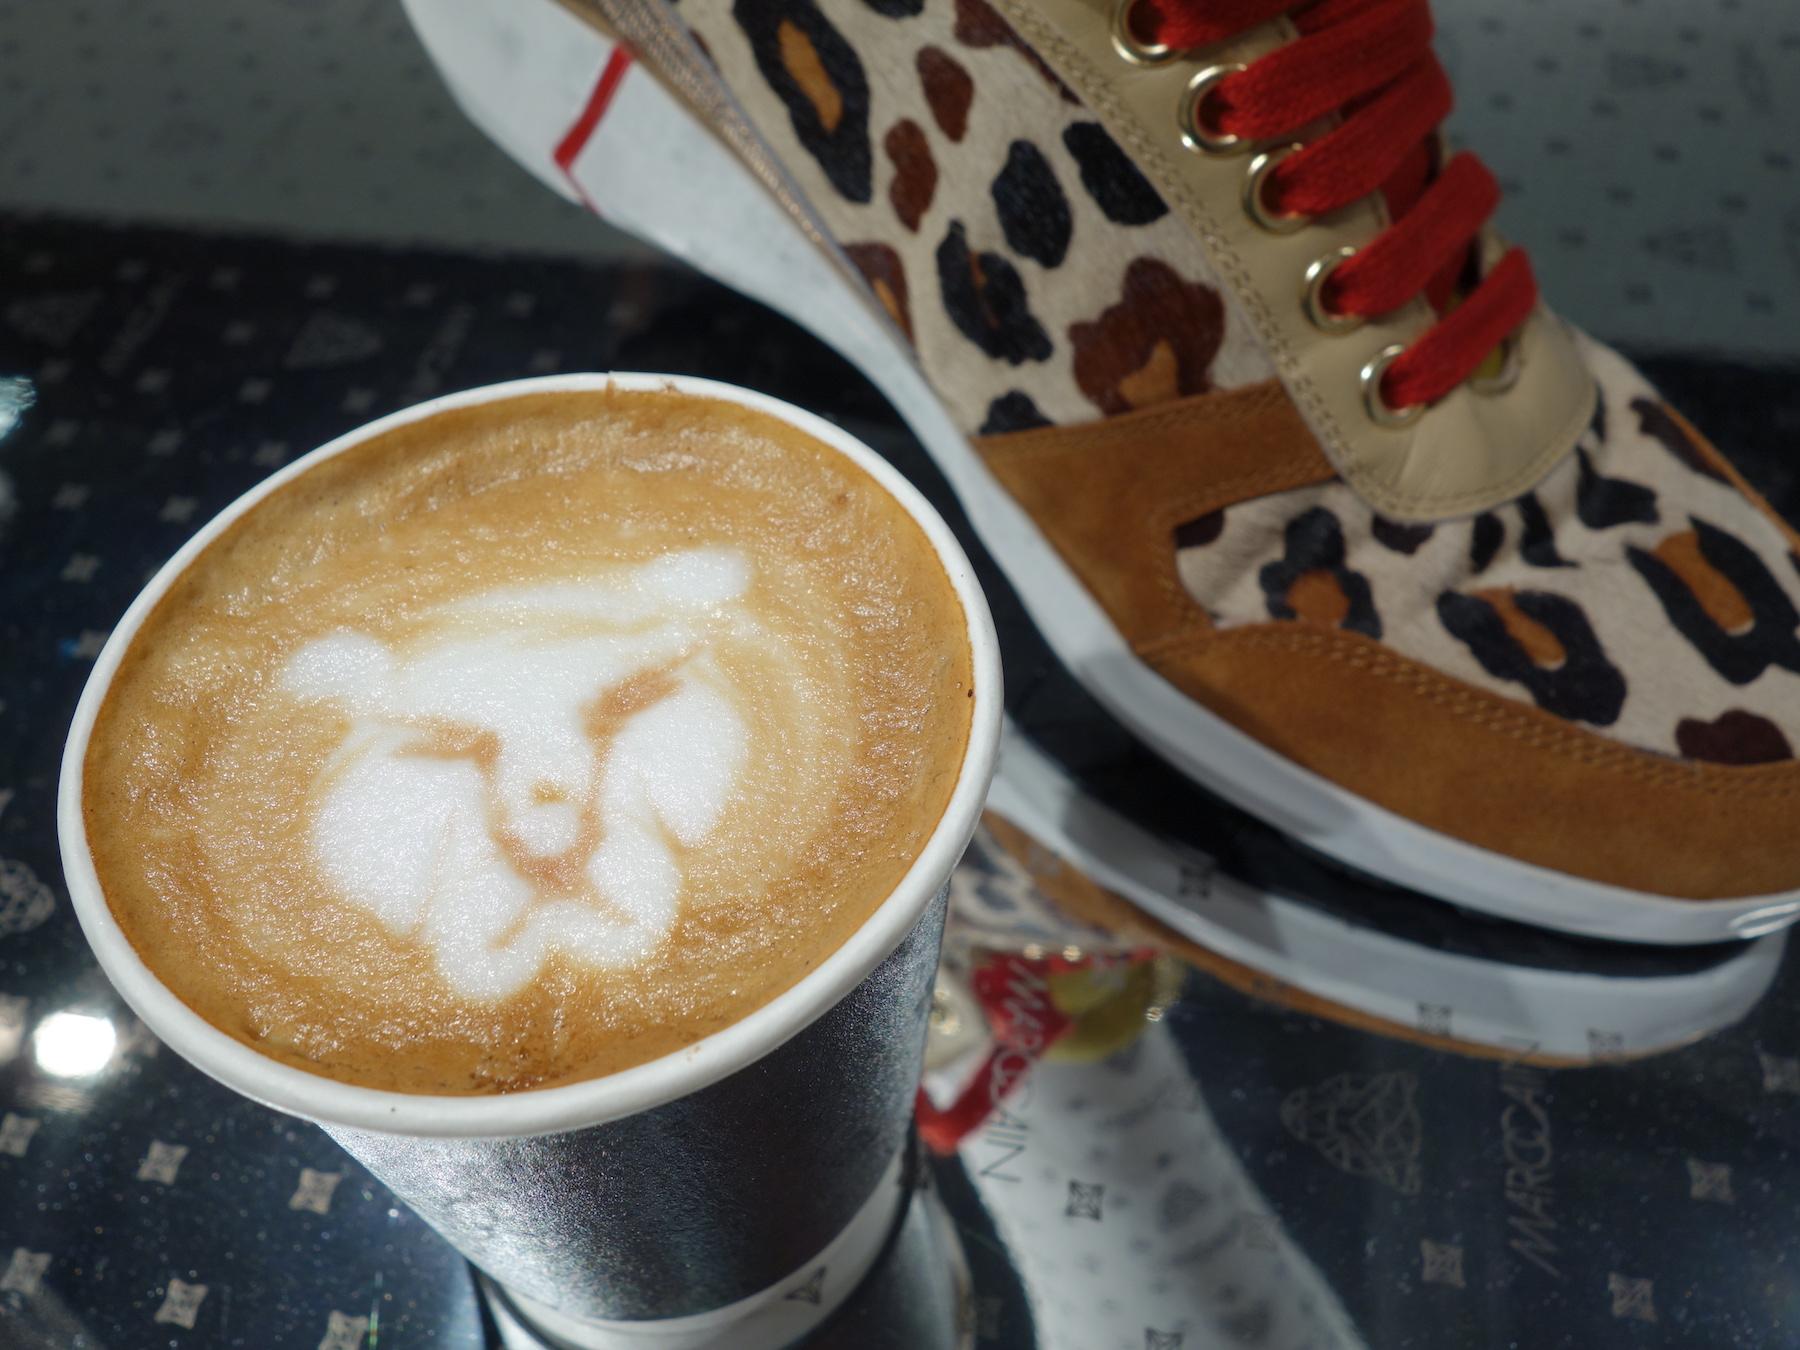 Leoparden Cappuccino passend zur Kollektion